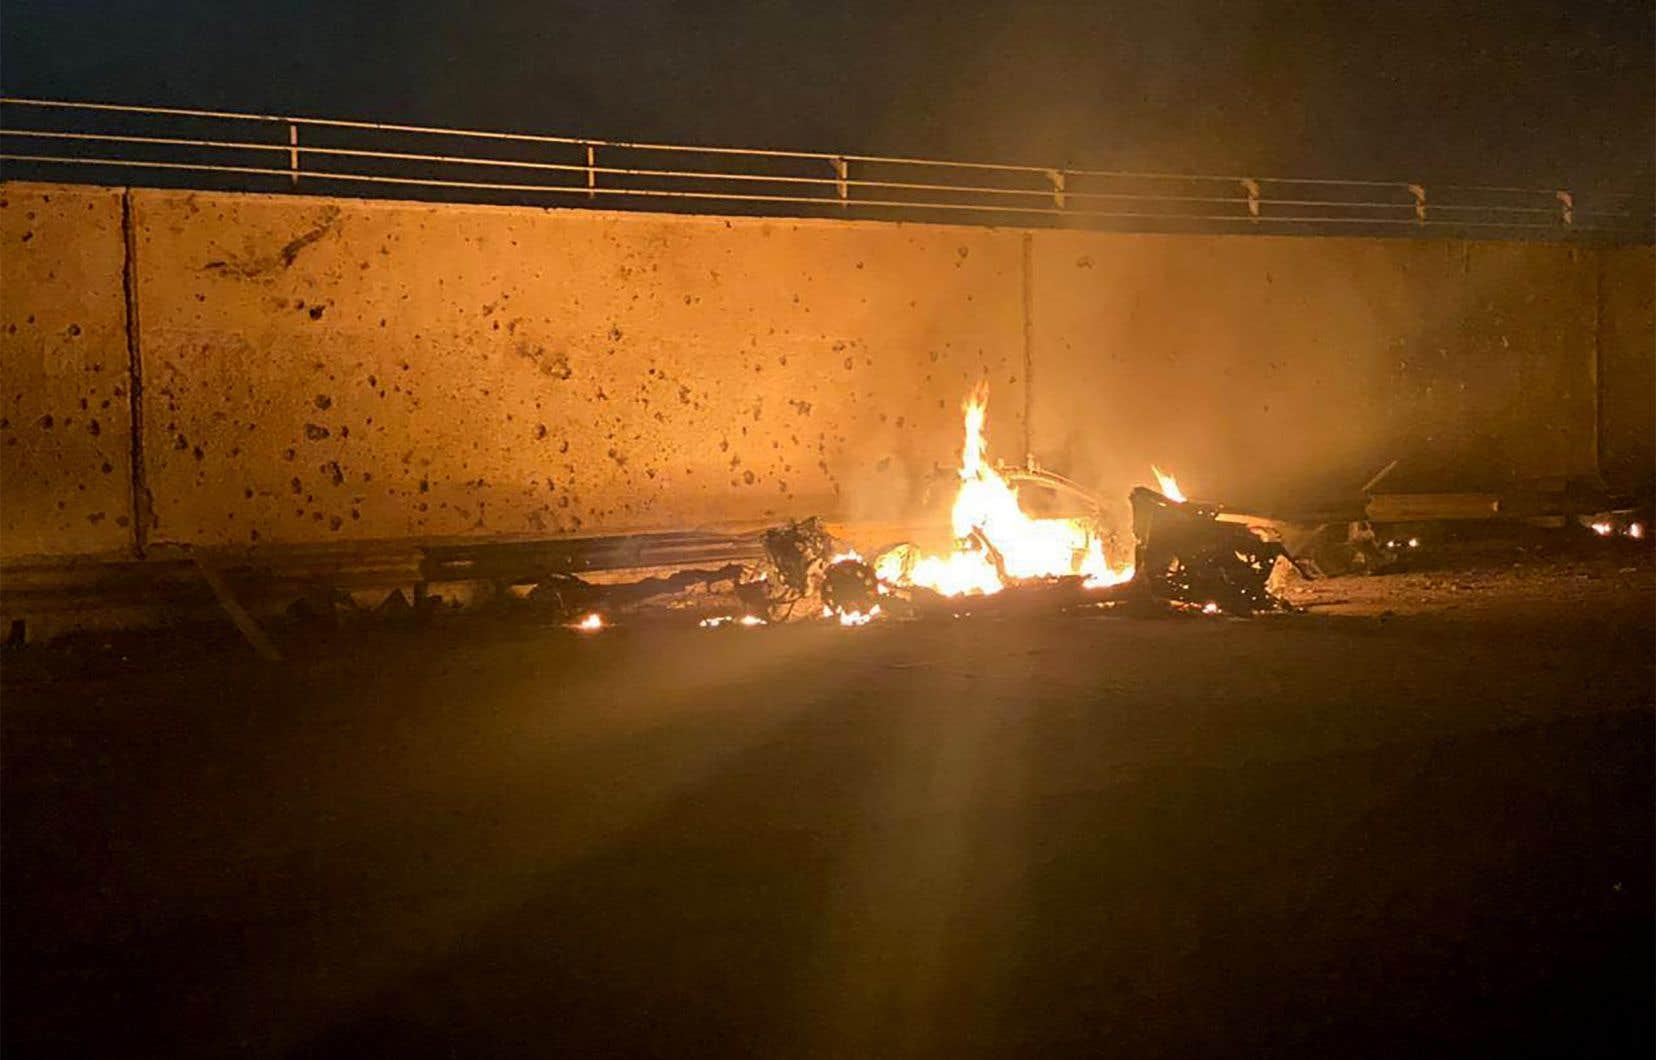 La voiture transportant le général iranien Qassem Soleimani circulait sur une route d'accès à l'aéroport international de Bagdad quand elle a été pulvérisée par «un tir de précision d'un drone».